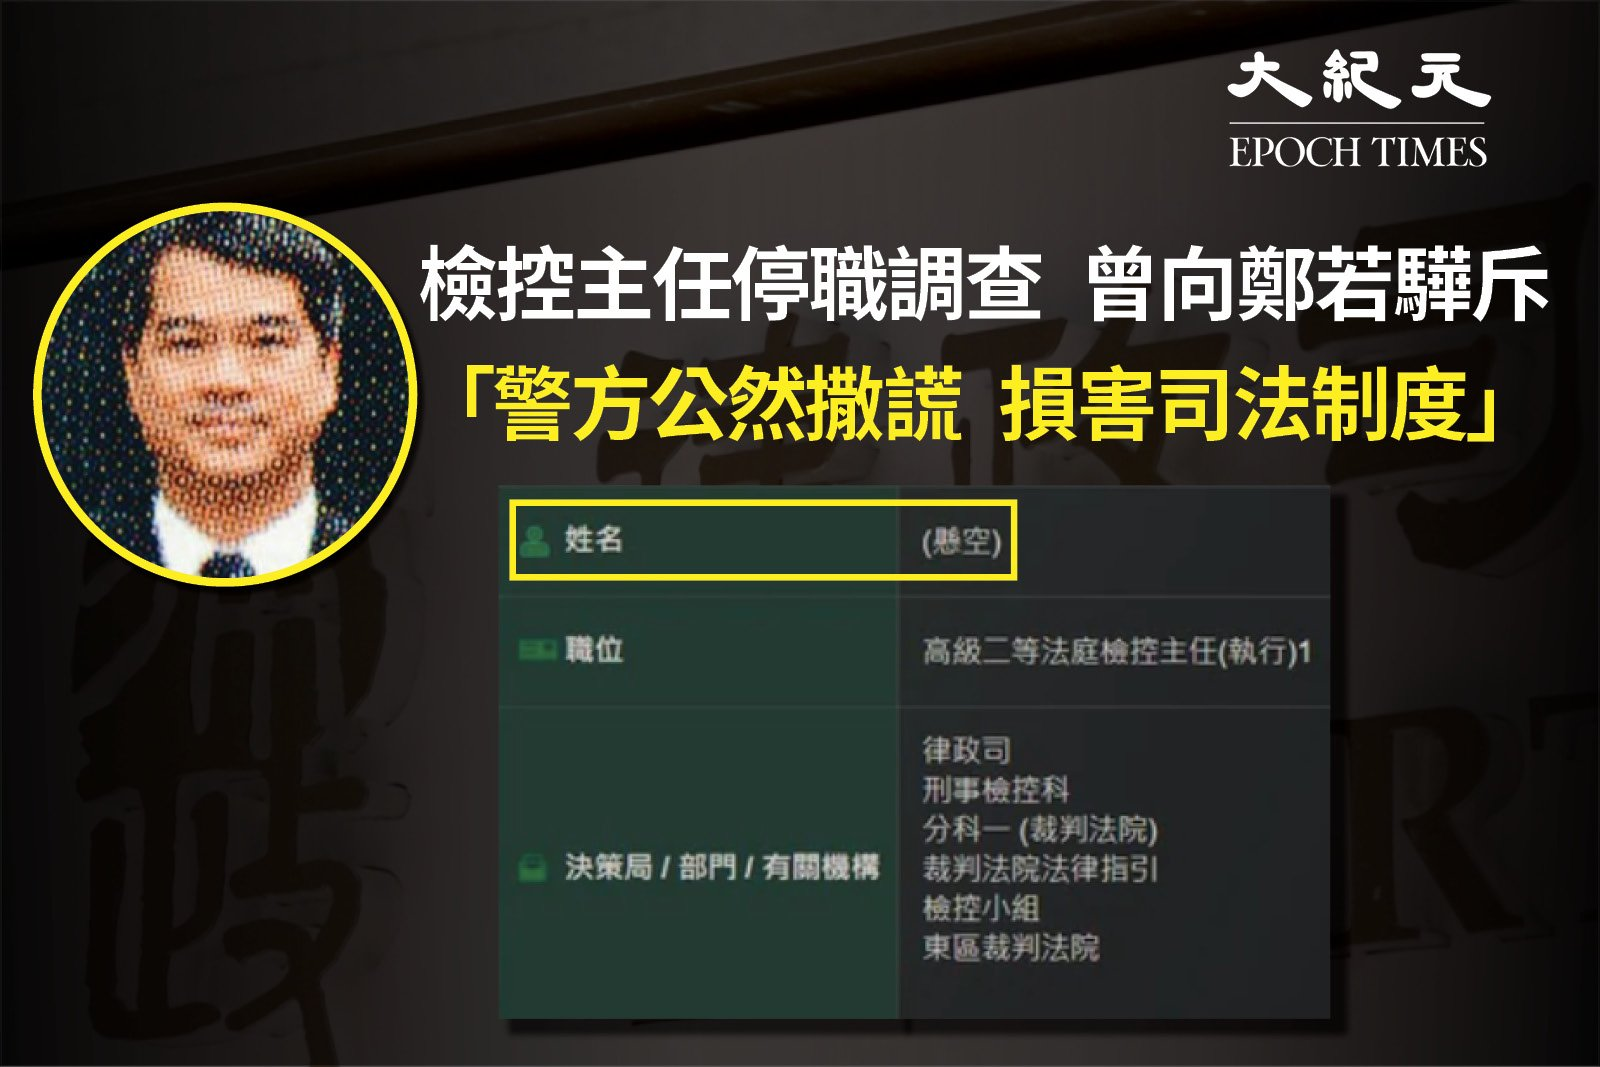 東區裁判法院高級二等檢控主任黃華芬已被停職調查,其姓名及職位已從律政司網頁刪去。(大紀元製圖)